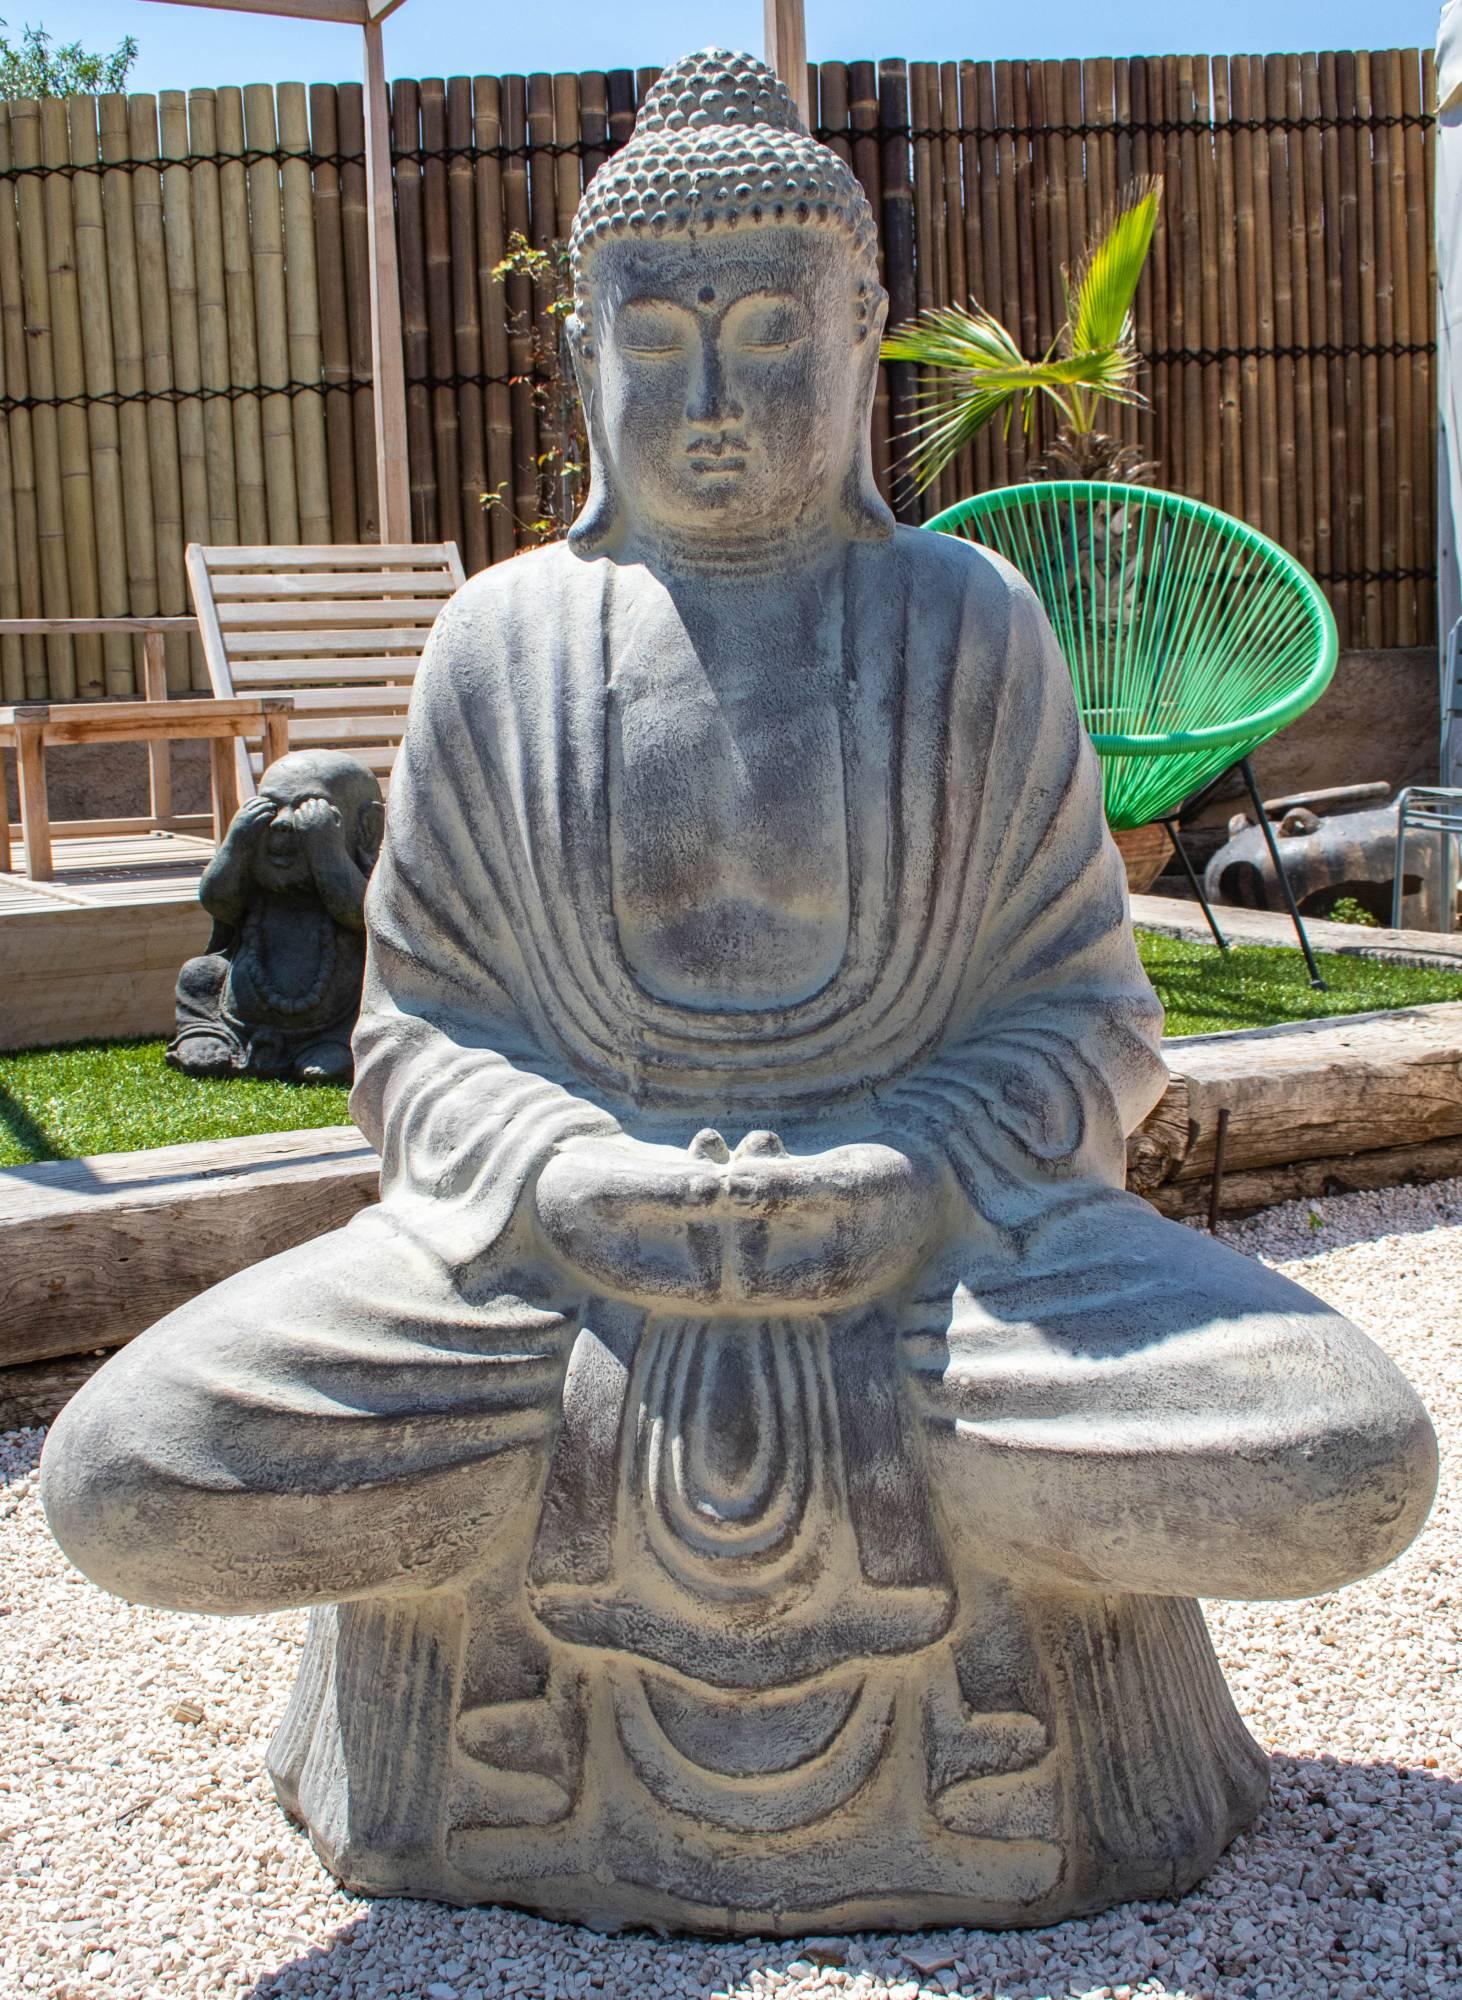 Salon De Jardin Pas Cher Bormes Les Mimosas Var Paca ... encequiconcerne Statue De Jardin Pas Cher